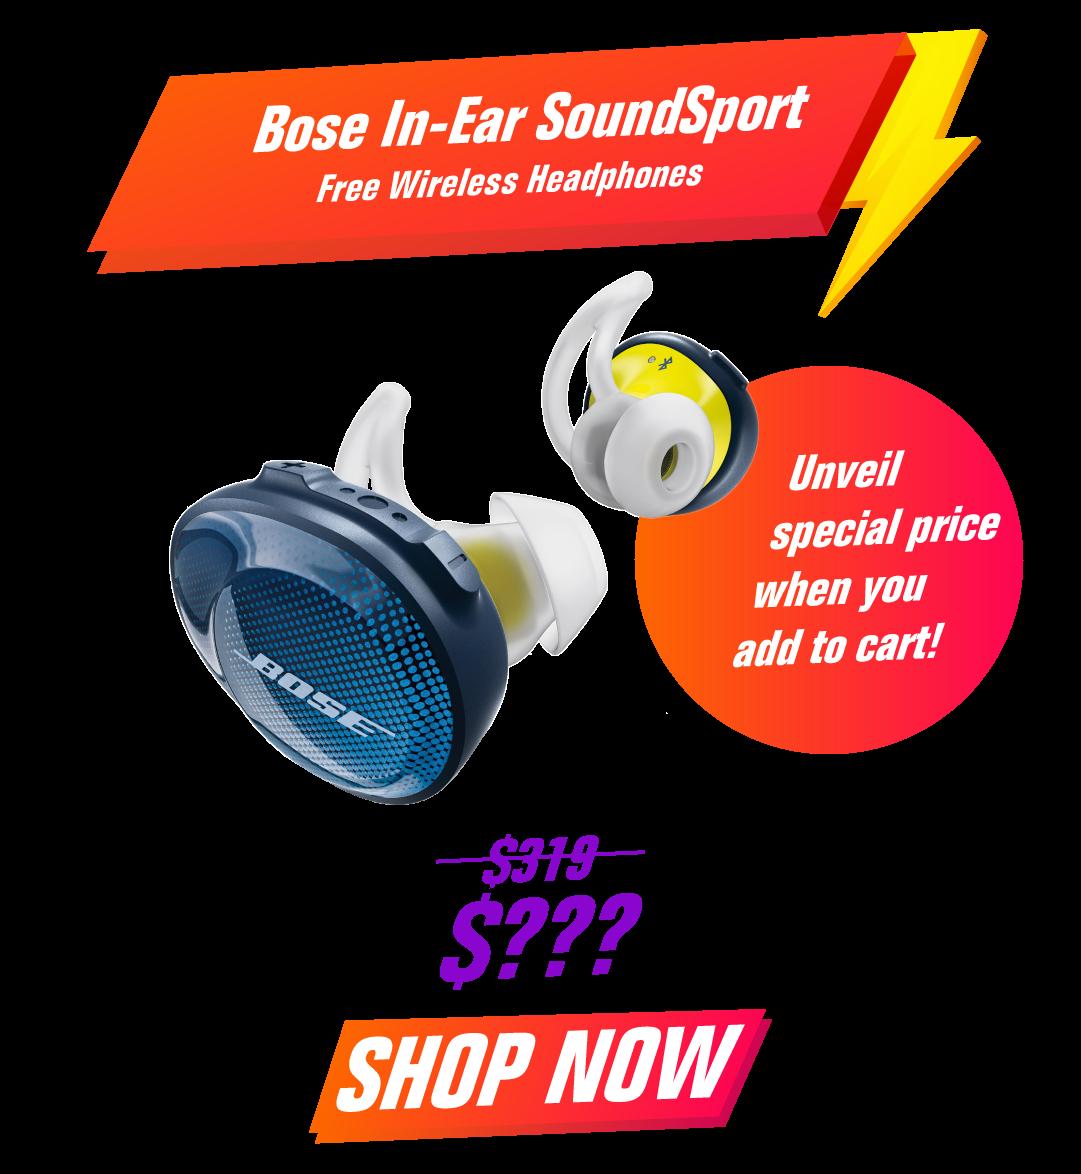 Bose In-Ear SoundSport Free Wireless Headphones - Navy Blue & Citron